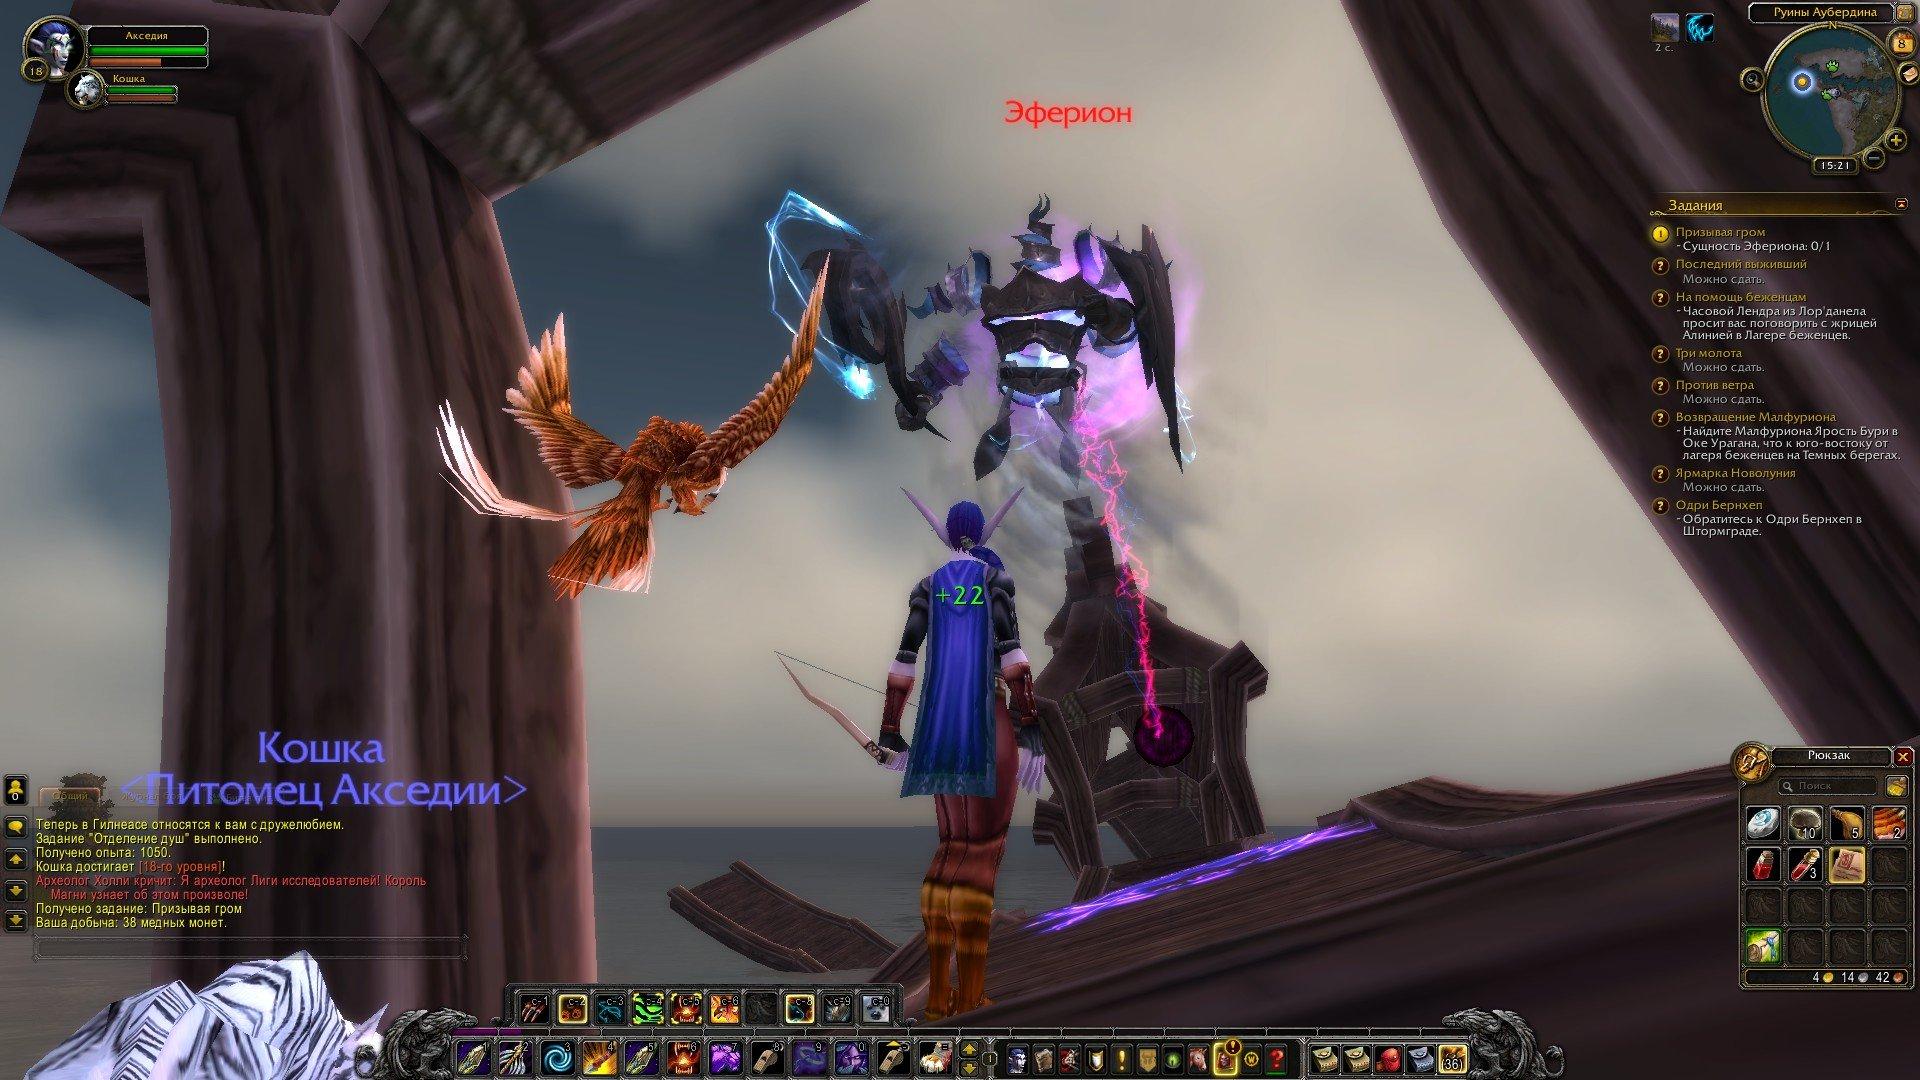 Путешествие по World of Warcraft ... Ночной Эльф. Глава 2. - Изображение 9